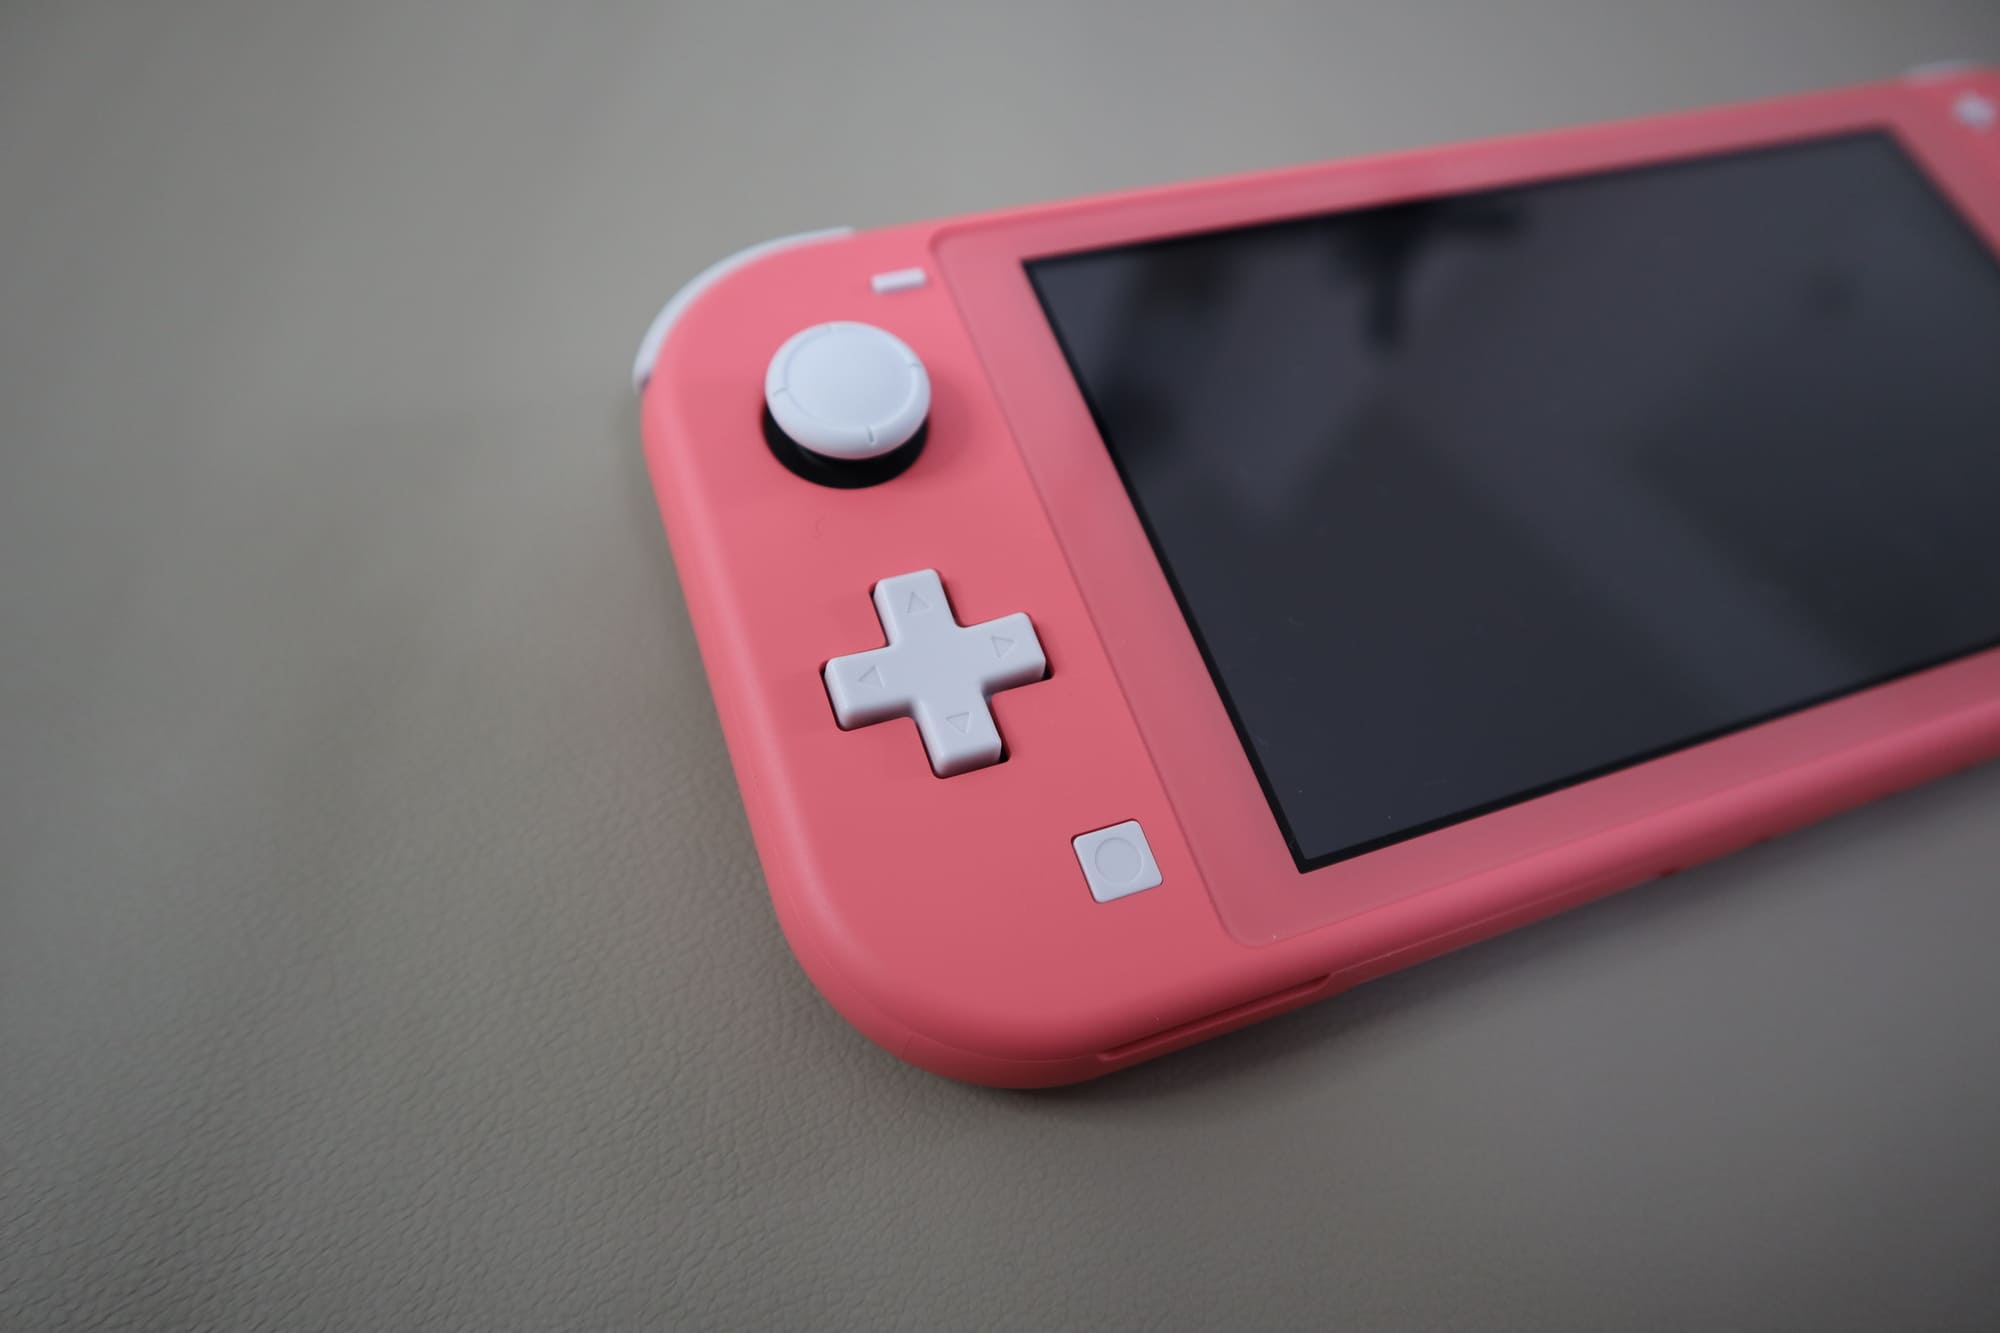 Switch Liteのボタン